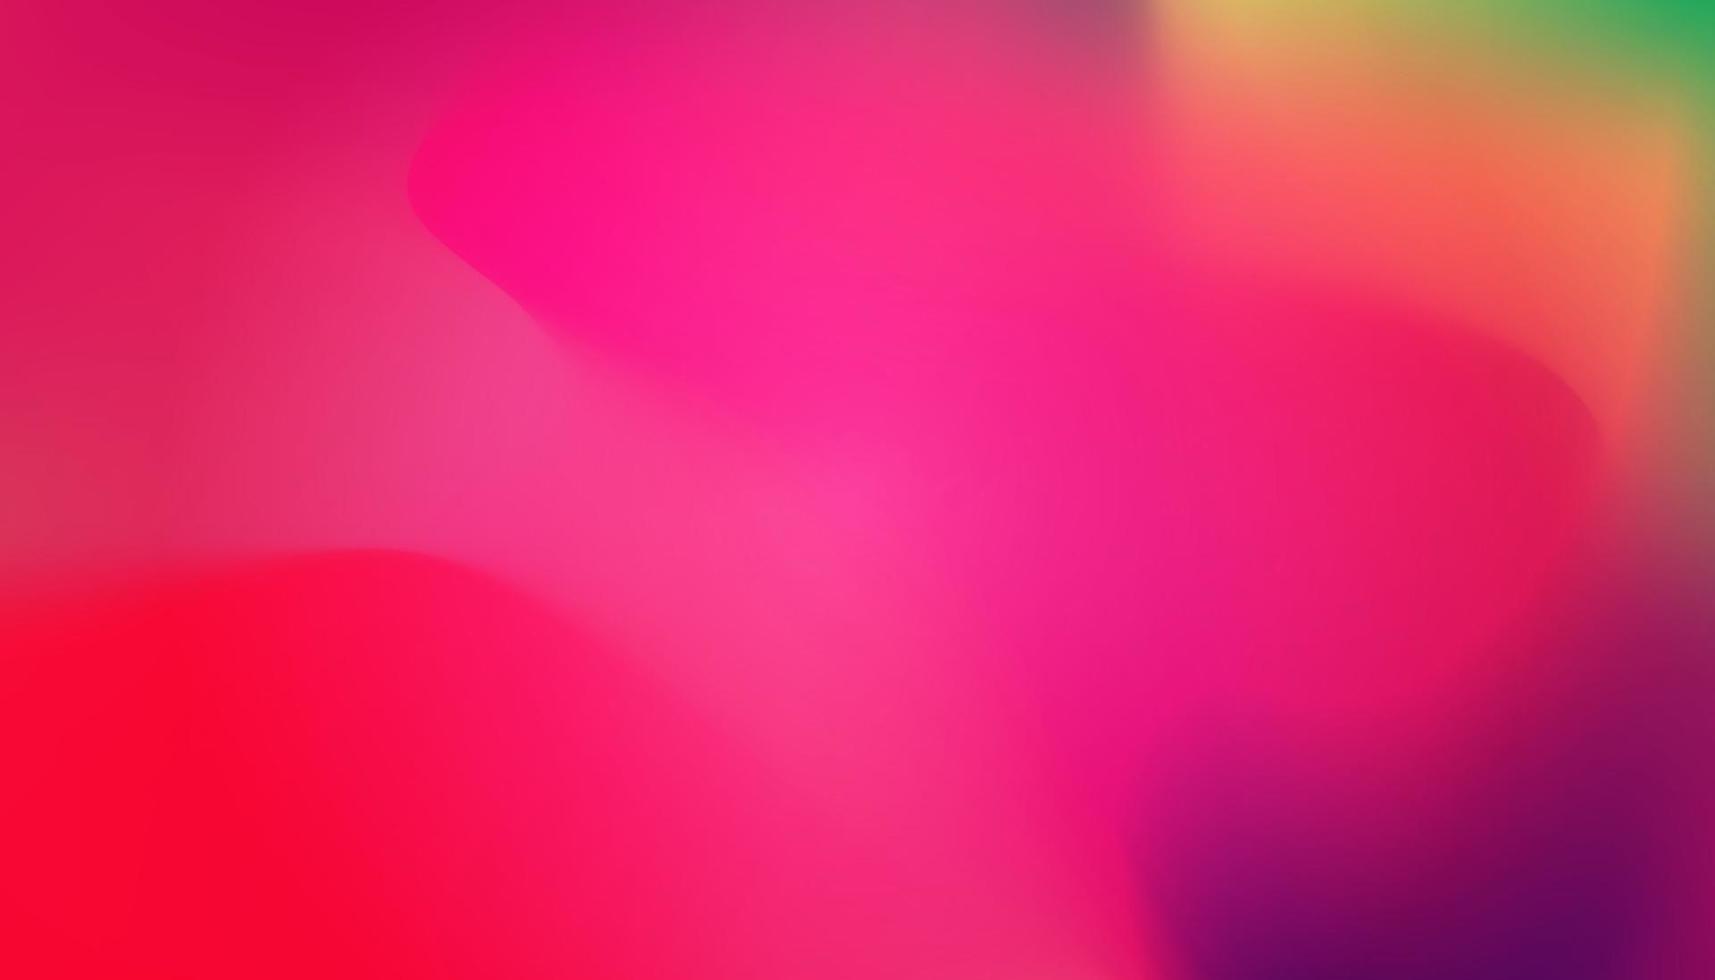 astratto blu viola e rosa morbido sfondo nuvola in gradazione colorata pastello. vettore